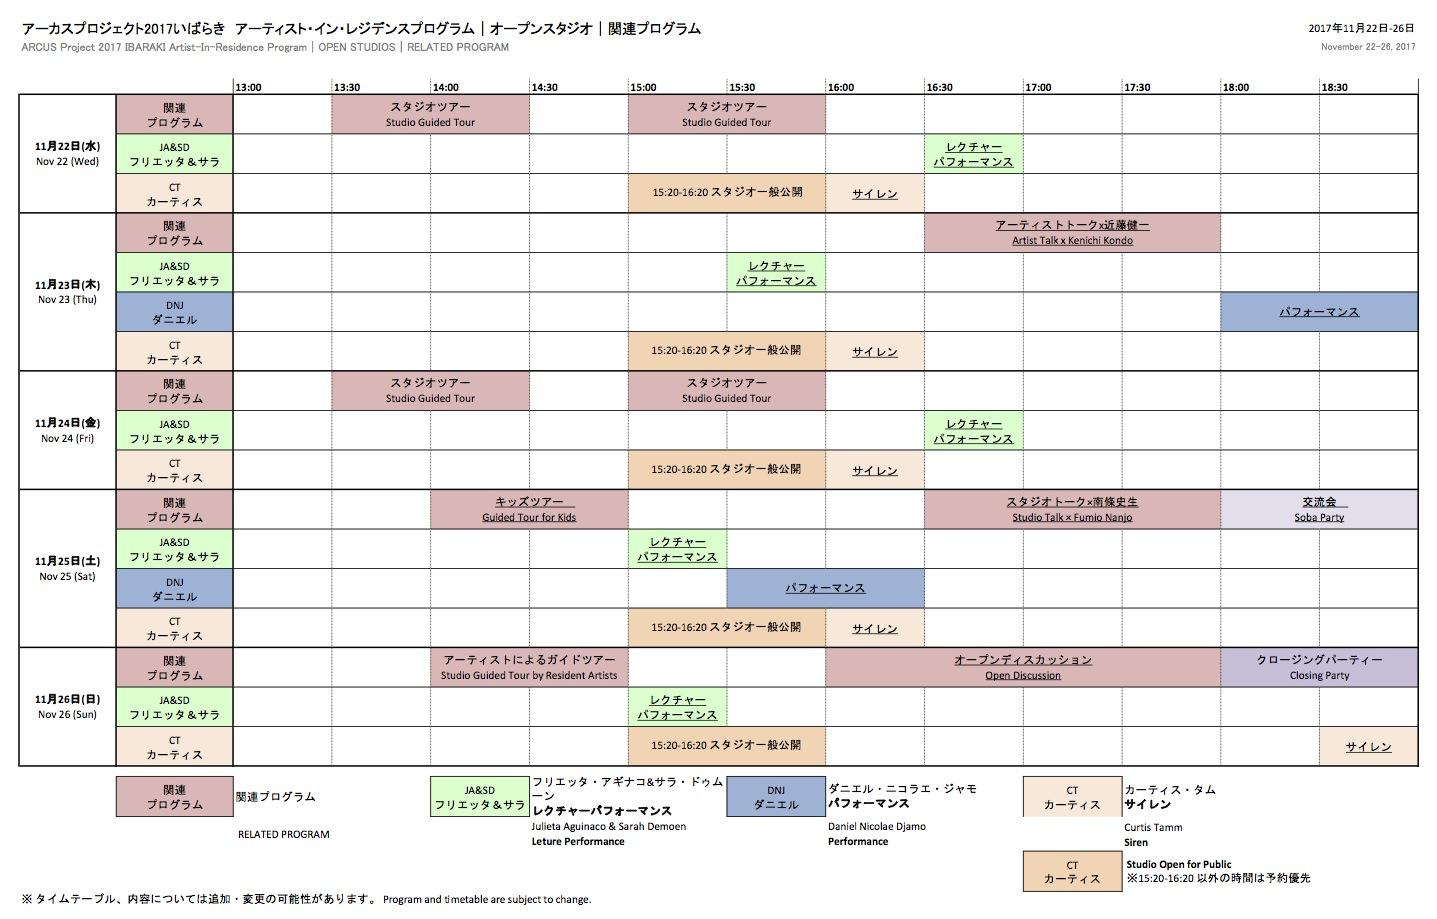 20171122-26_OpenStudios_schedule.jpg